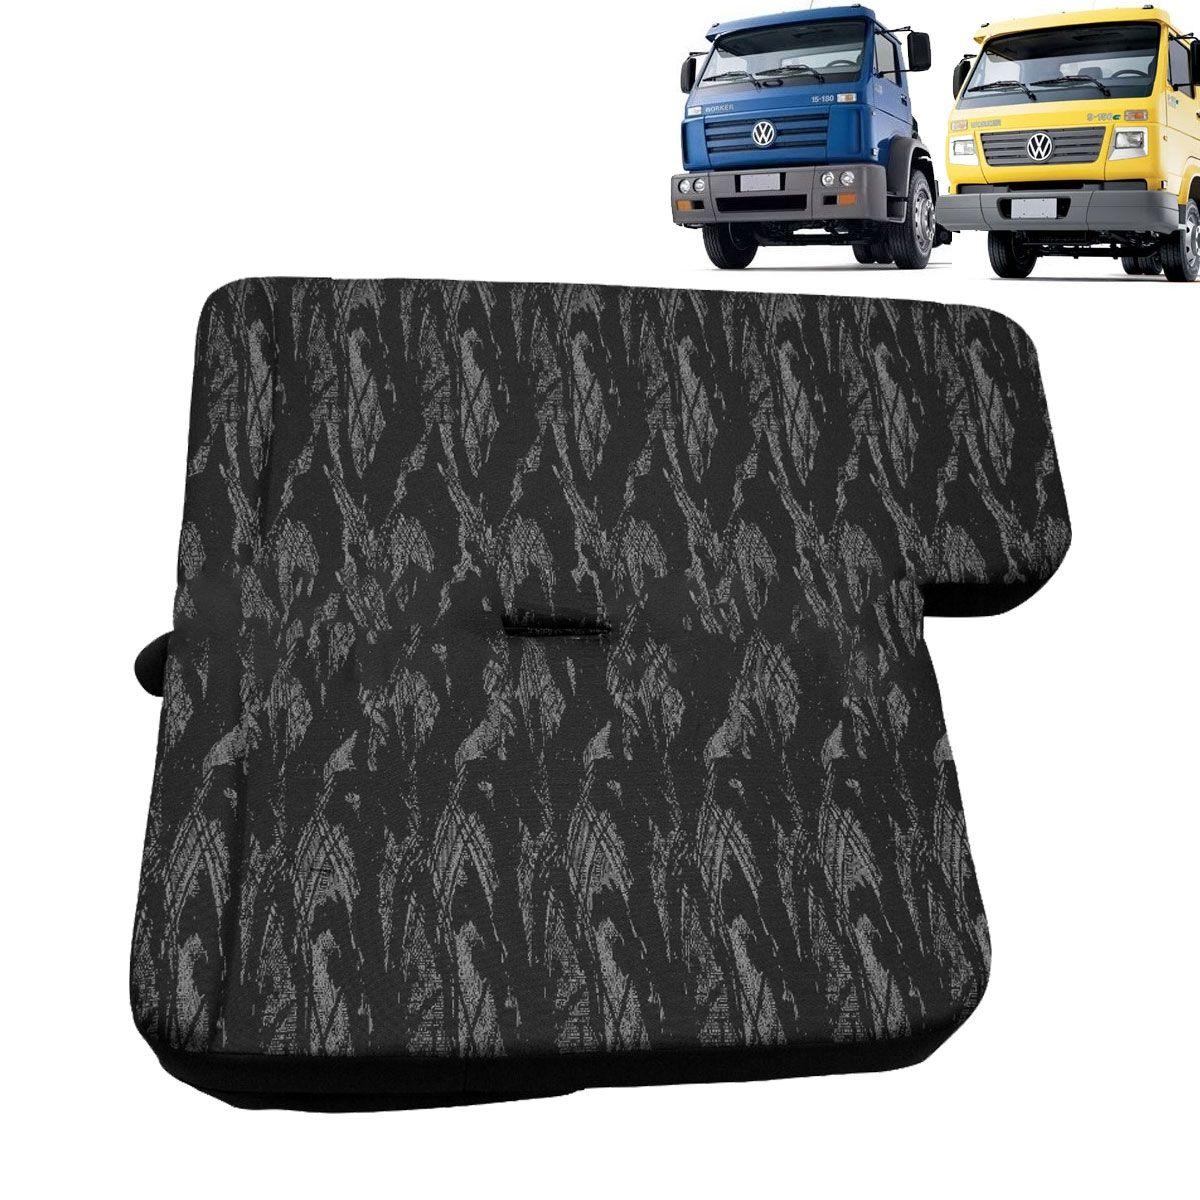 Sofá Cama para Caminhão Volkswagen Titan / Worker Lado Carona